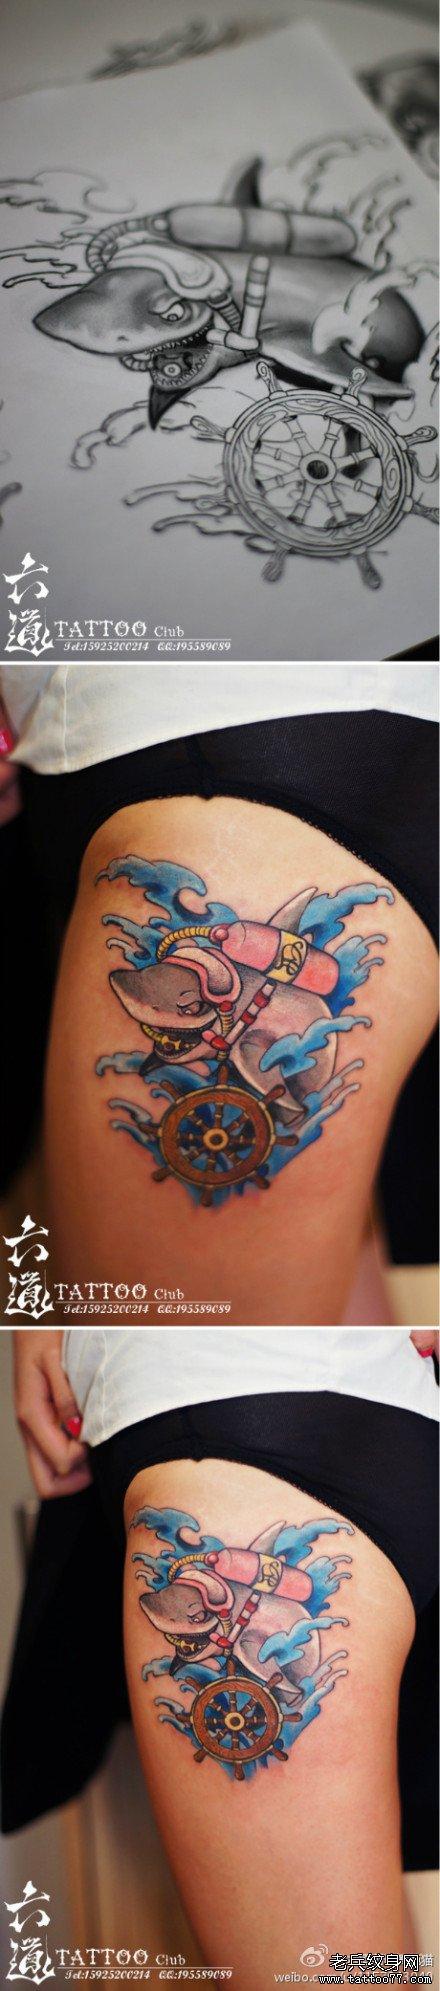 经典的小海豚刺青纹身图案